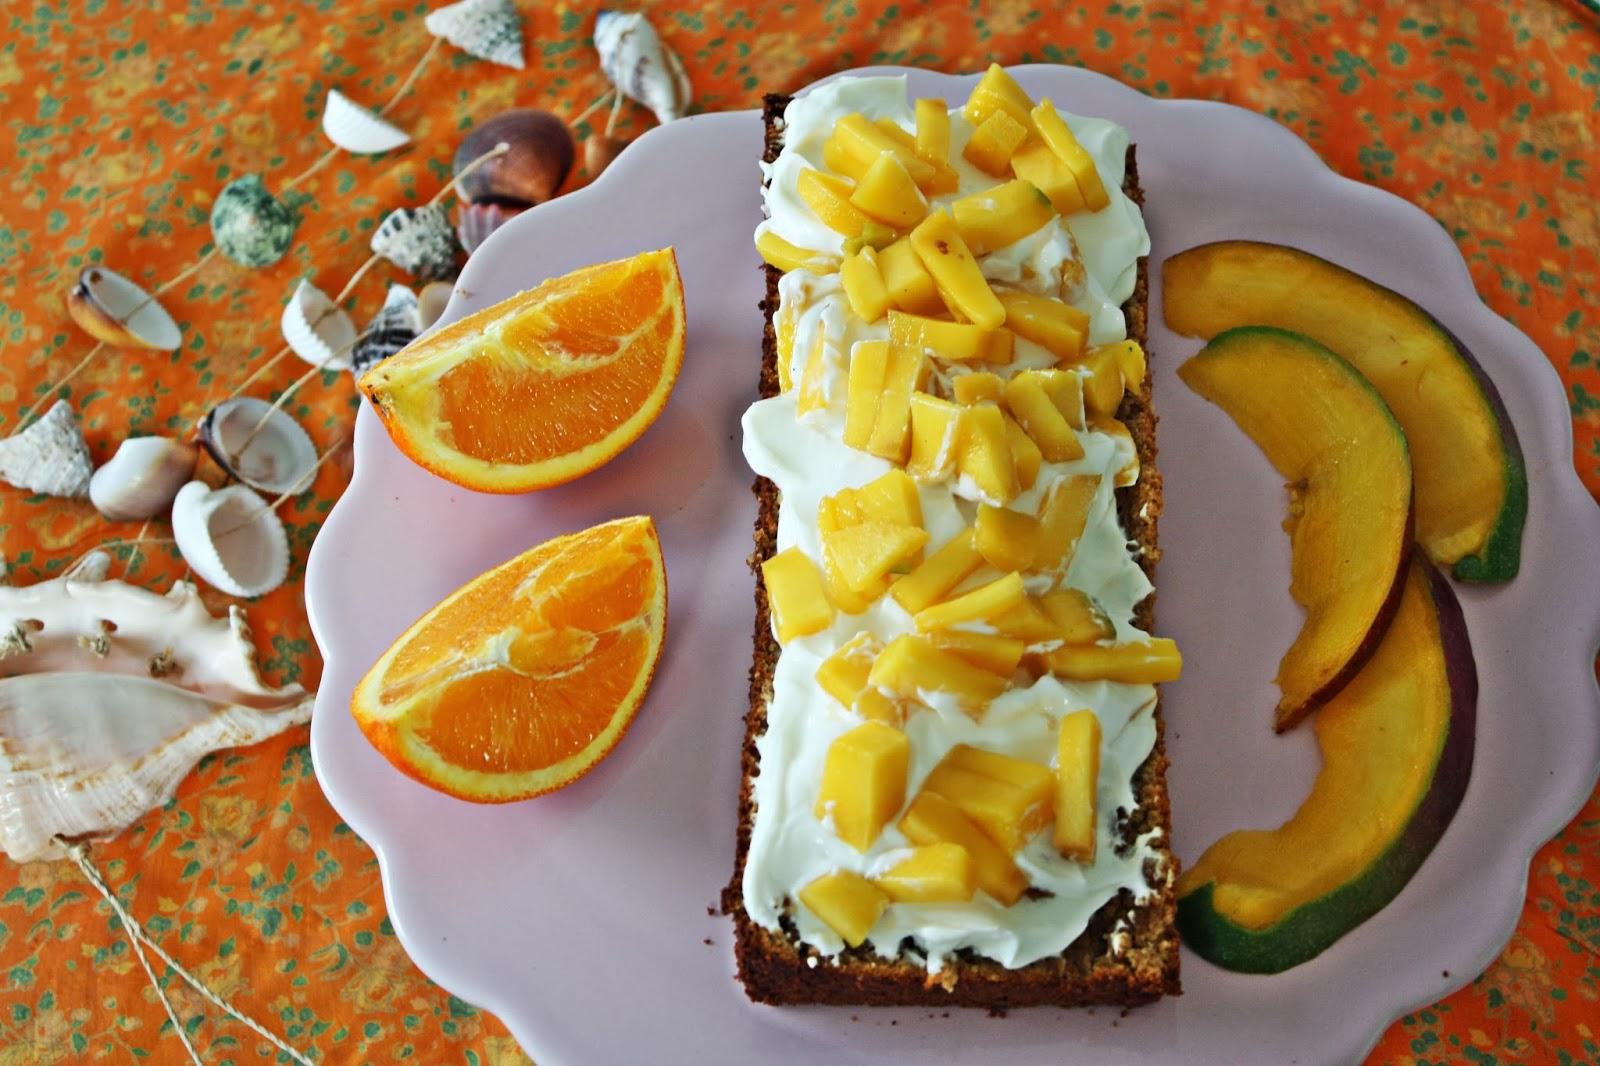 Honig Tamarinden Kuchen mit Mango und Firschkäse-Frosting